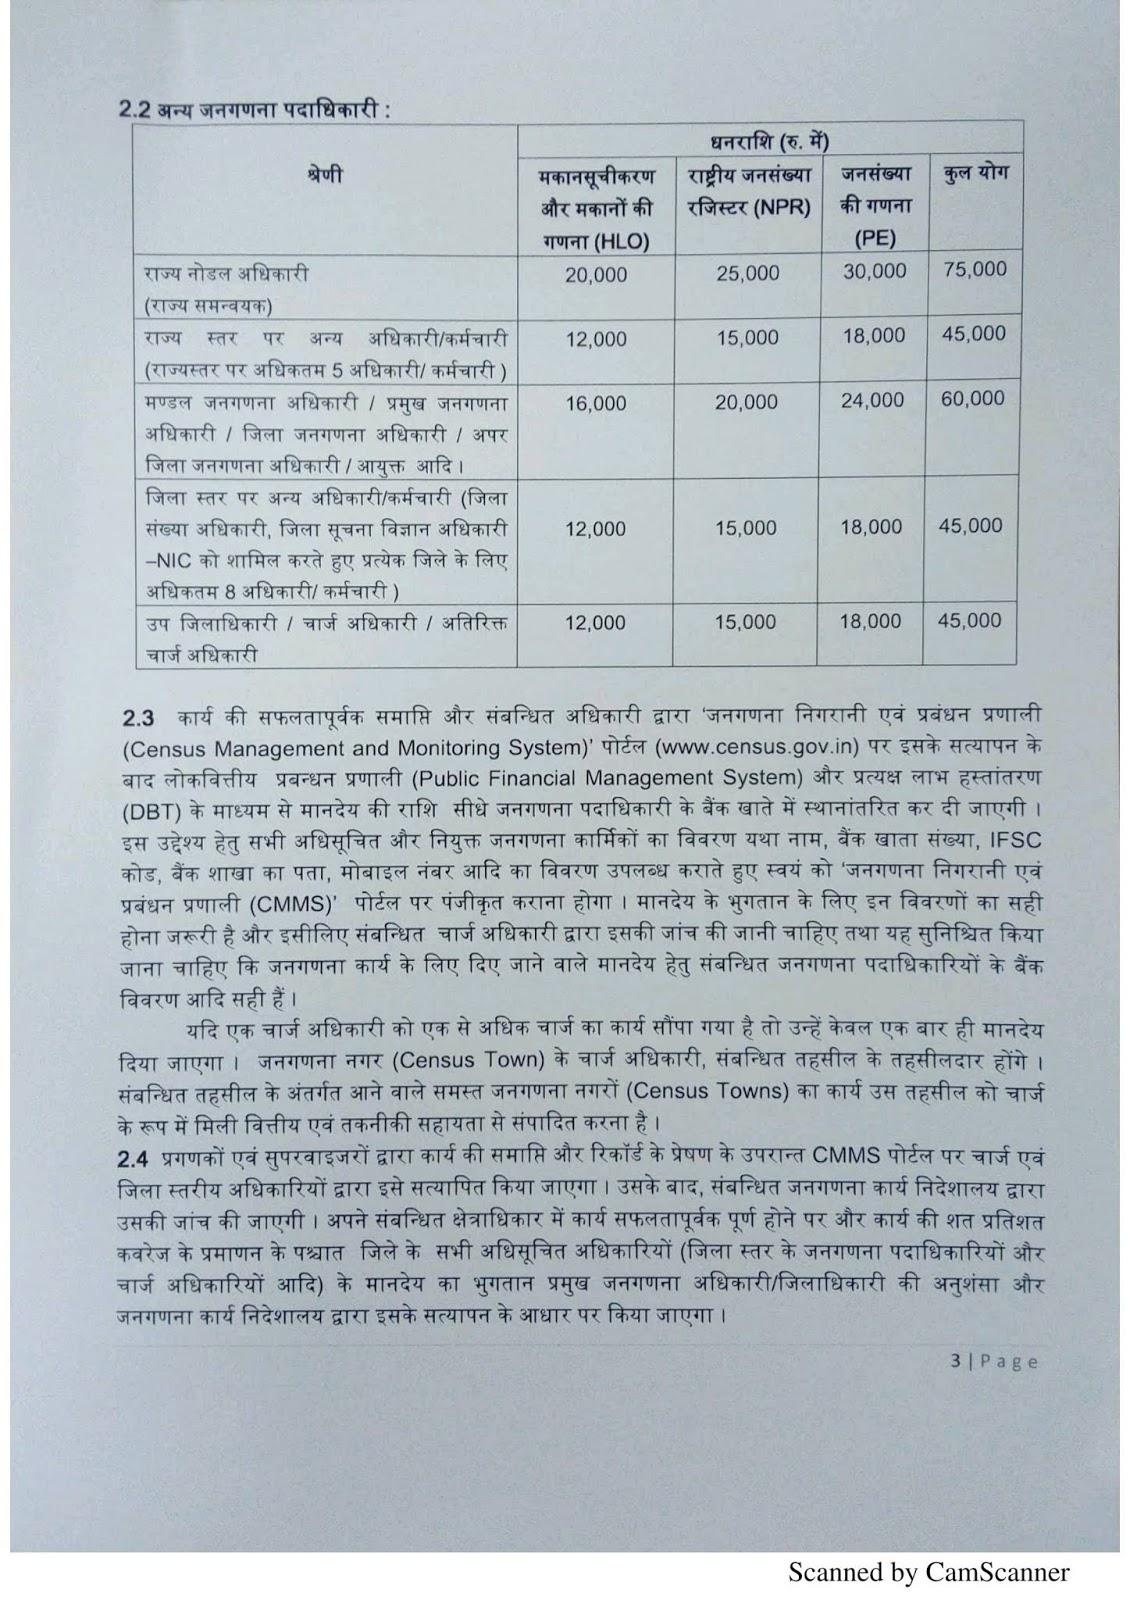 यूपी में जनगणना 2021 में मिलने वाले मानदेय व भुगतान के संबंध में महत्वपूर्ण शासनादेश